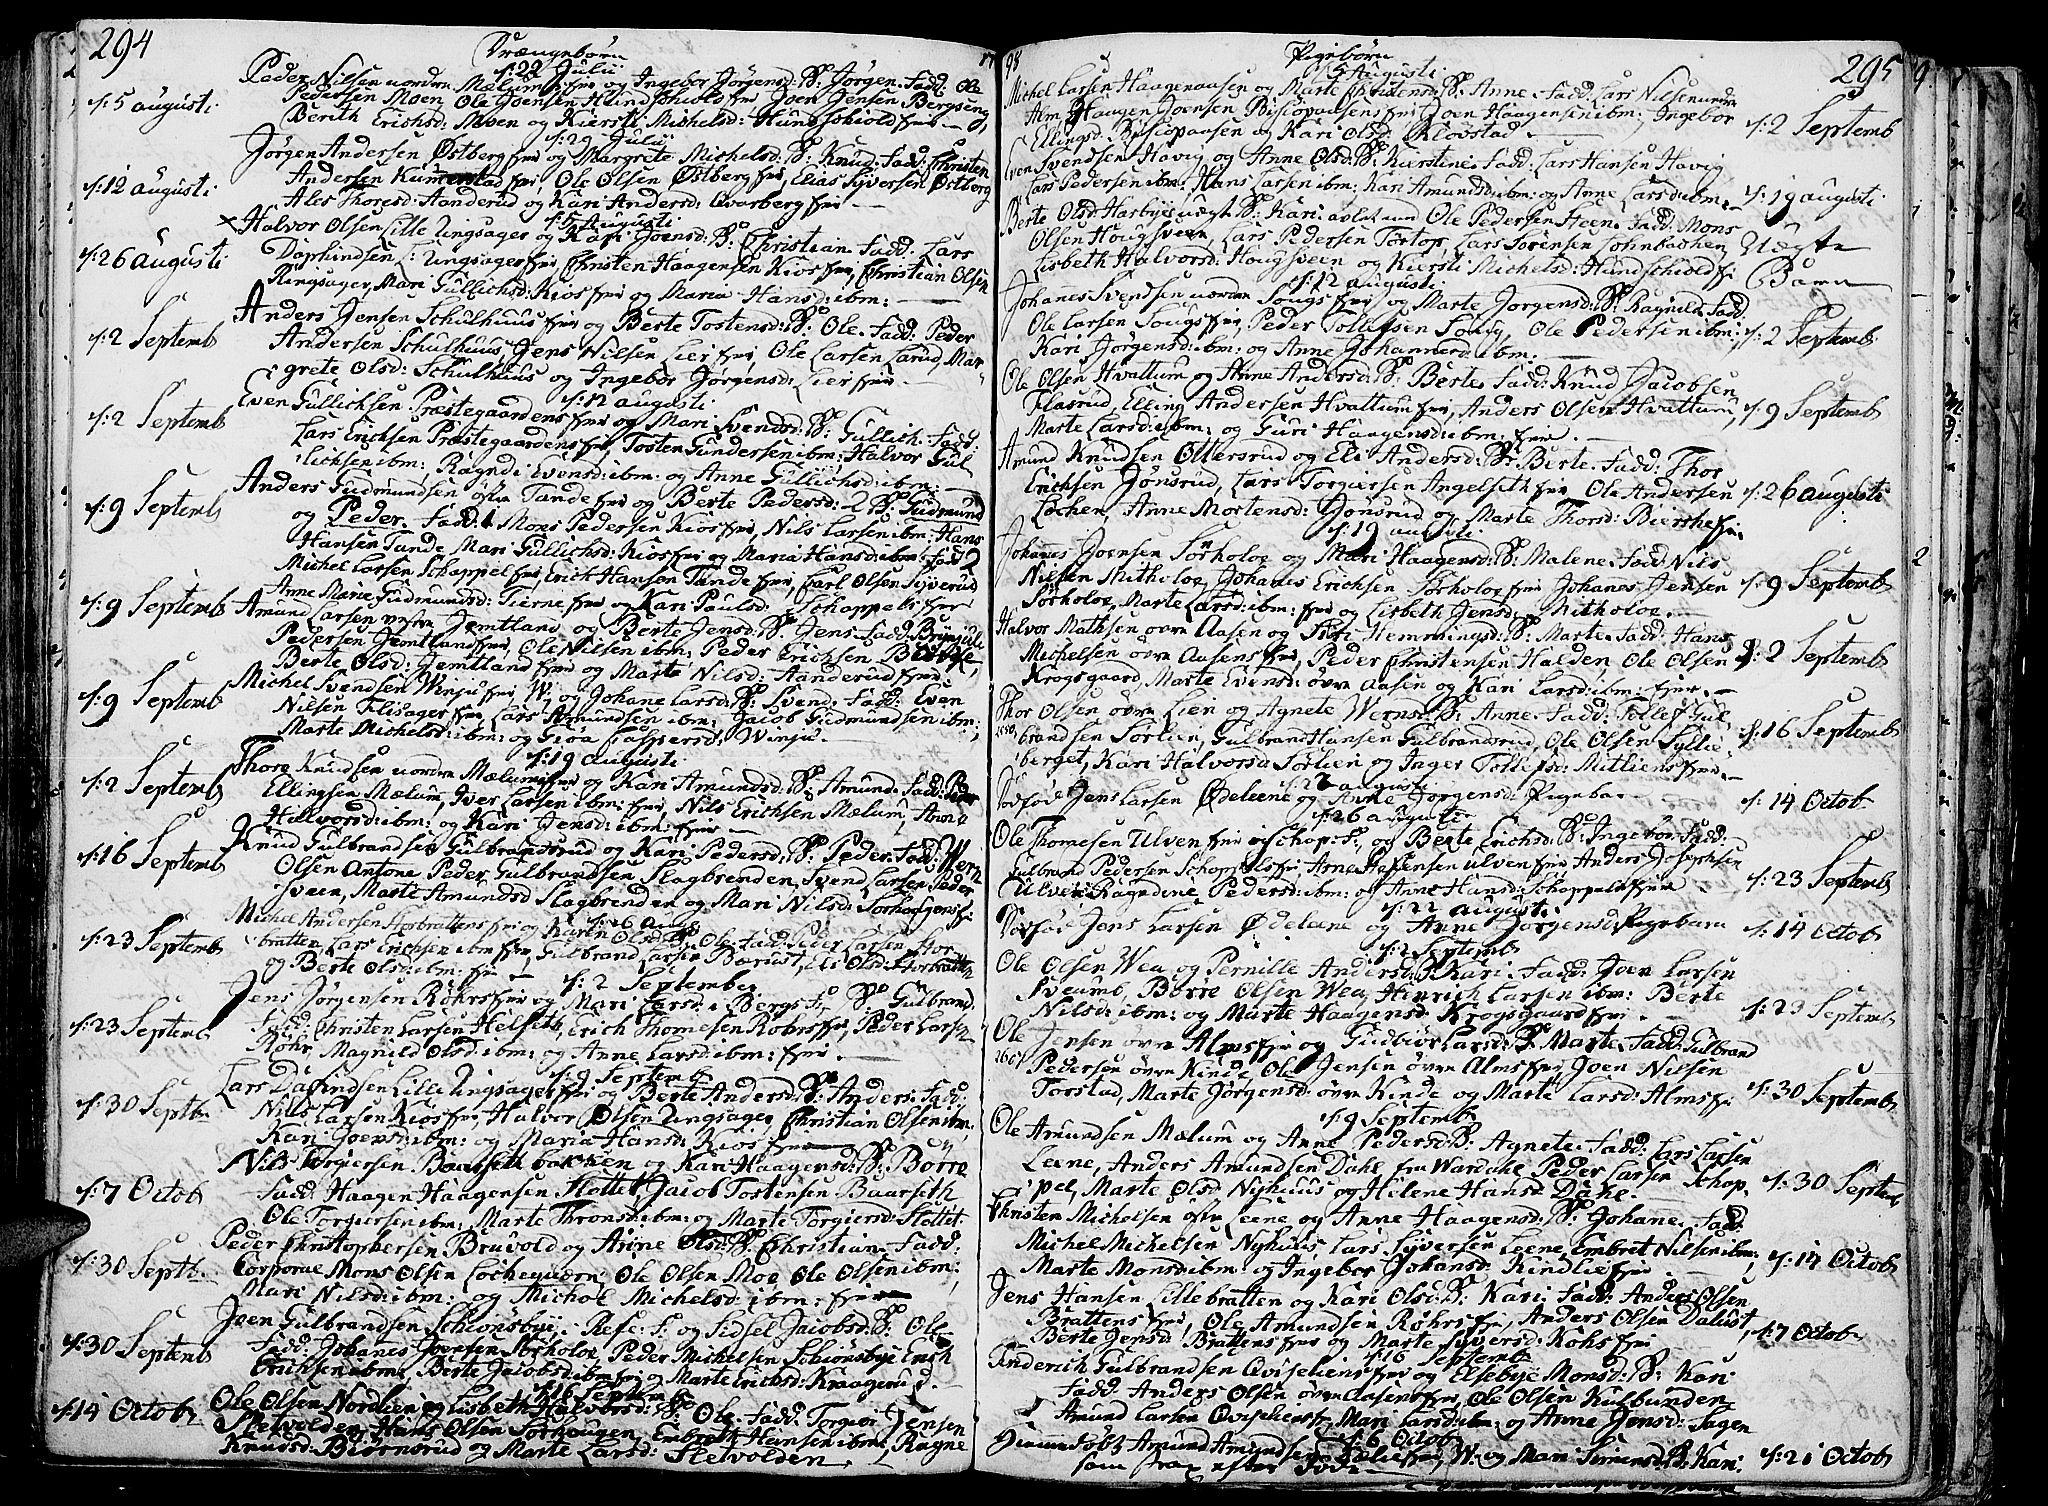 SAH, Ringsaker prestekontor, K/Ka/L0003: Ministerialbok nr. 3, 1775-1798, s. 294-295